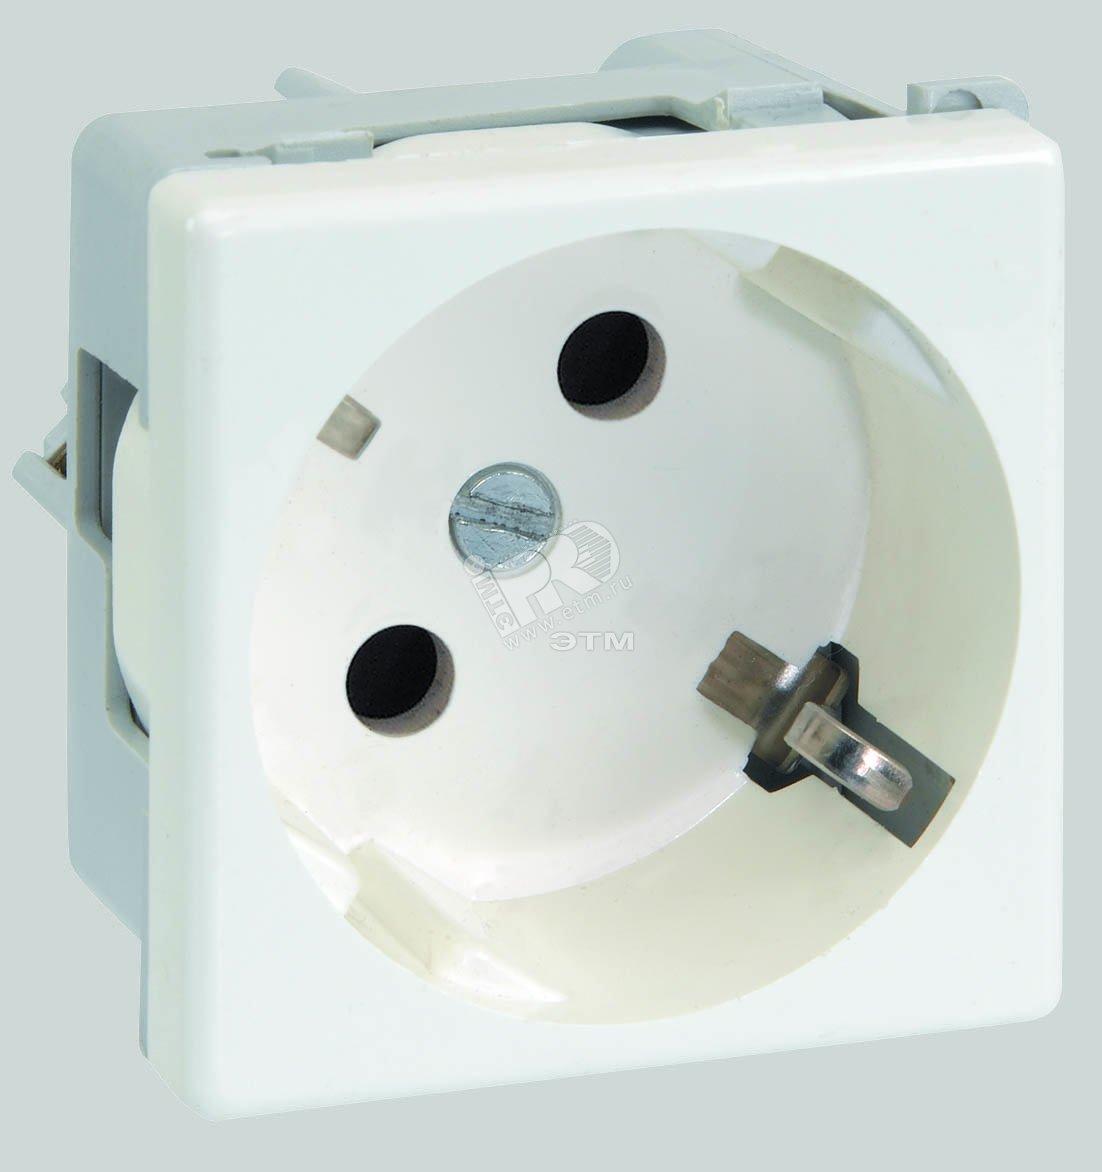 Connect Розетка с заземлением 16А 250В 45х45мм винтовые клеммы SC белый  (K01-9) da06a99e728